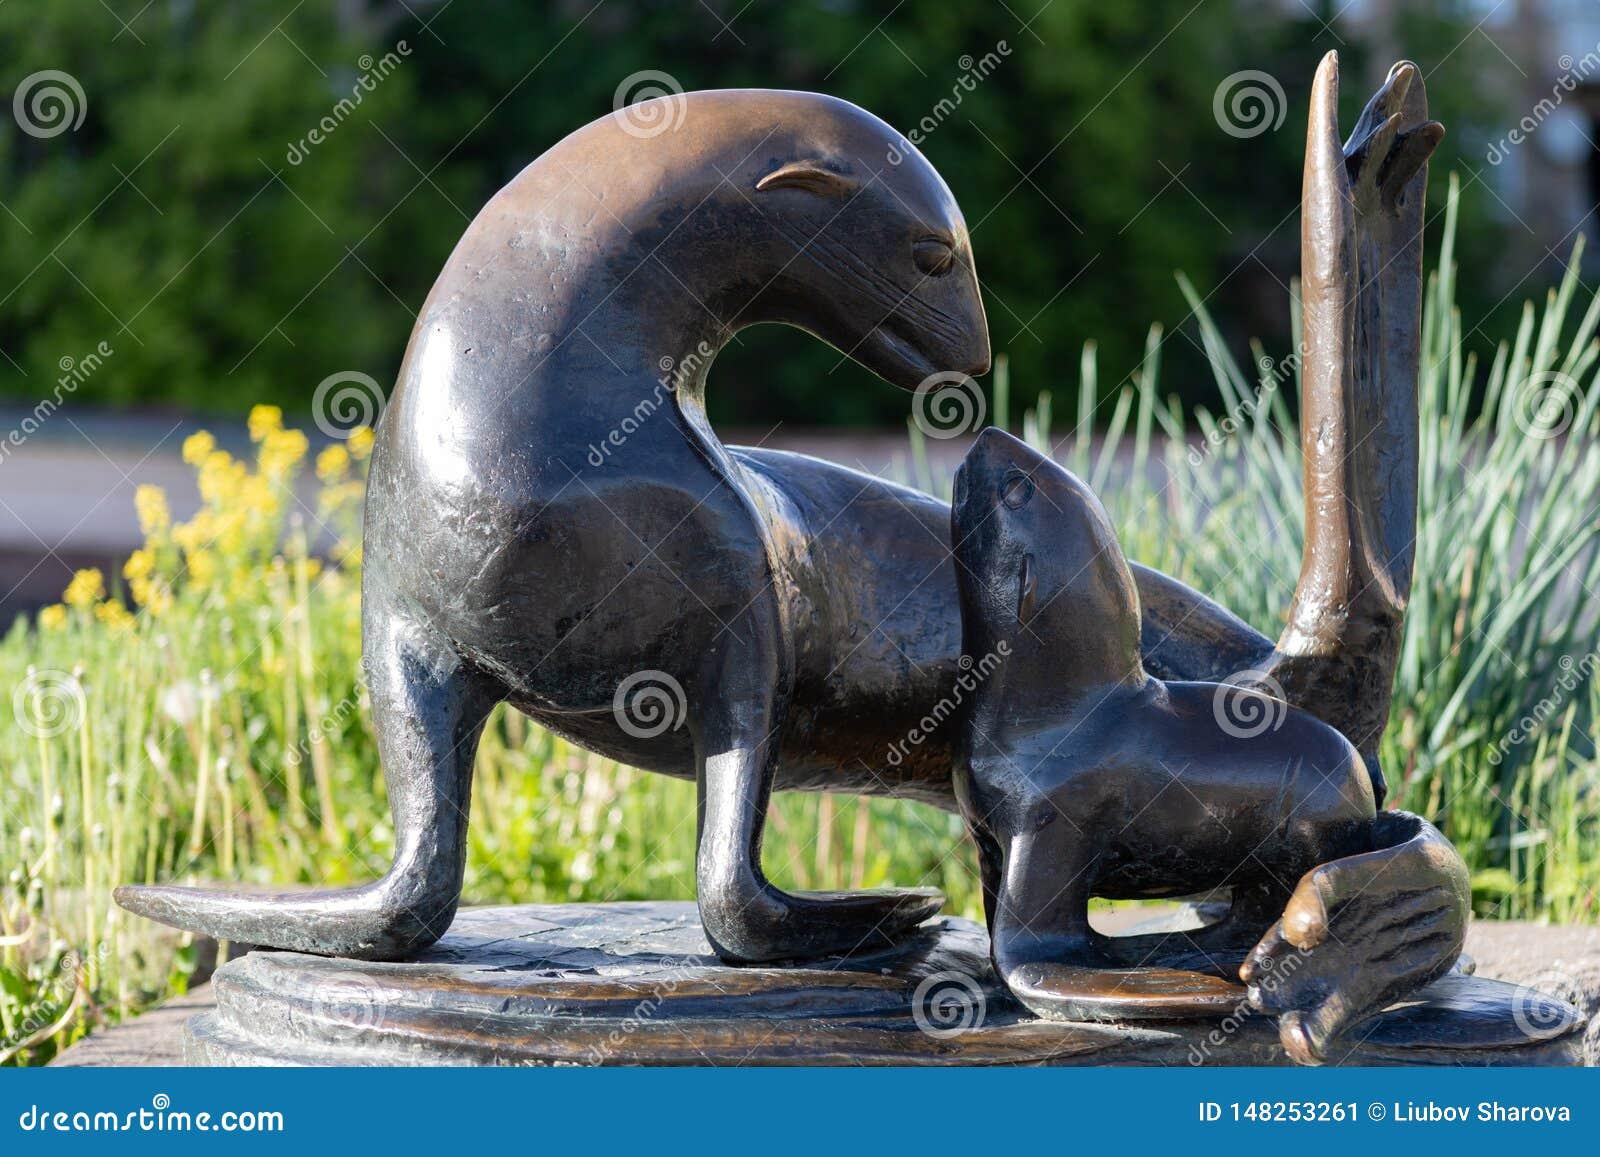 Zooskulptur Moskaus am 17. Mai 2019 Moskau einer Dichtung mit einem Baby, ein Symbol der Liebe und Ca